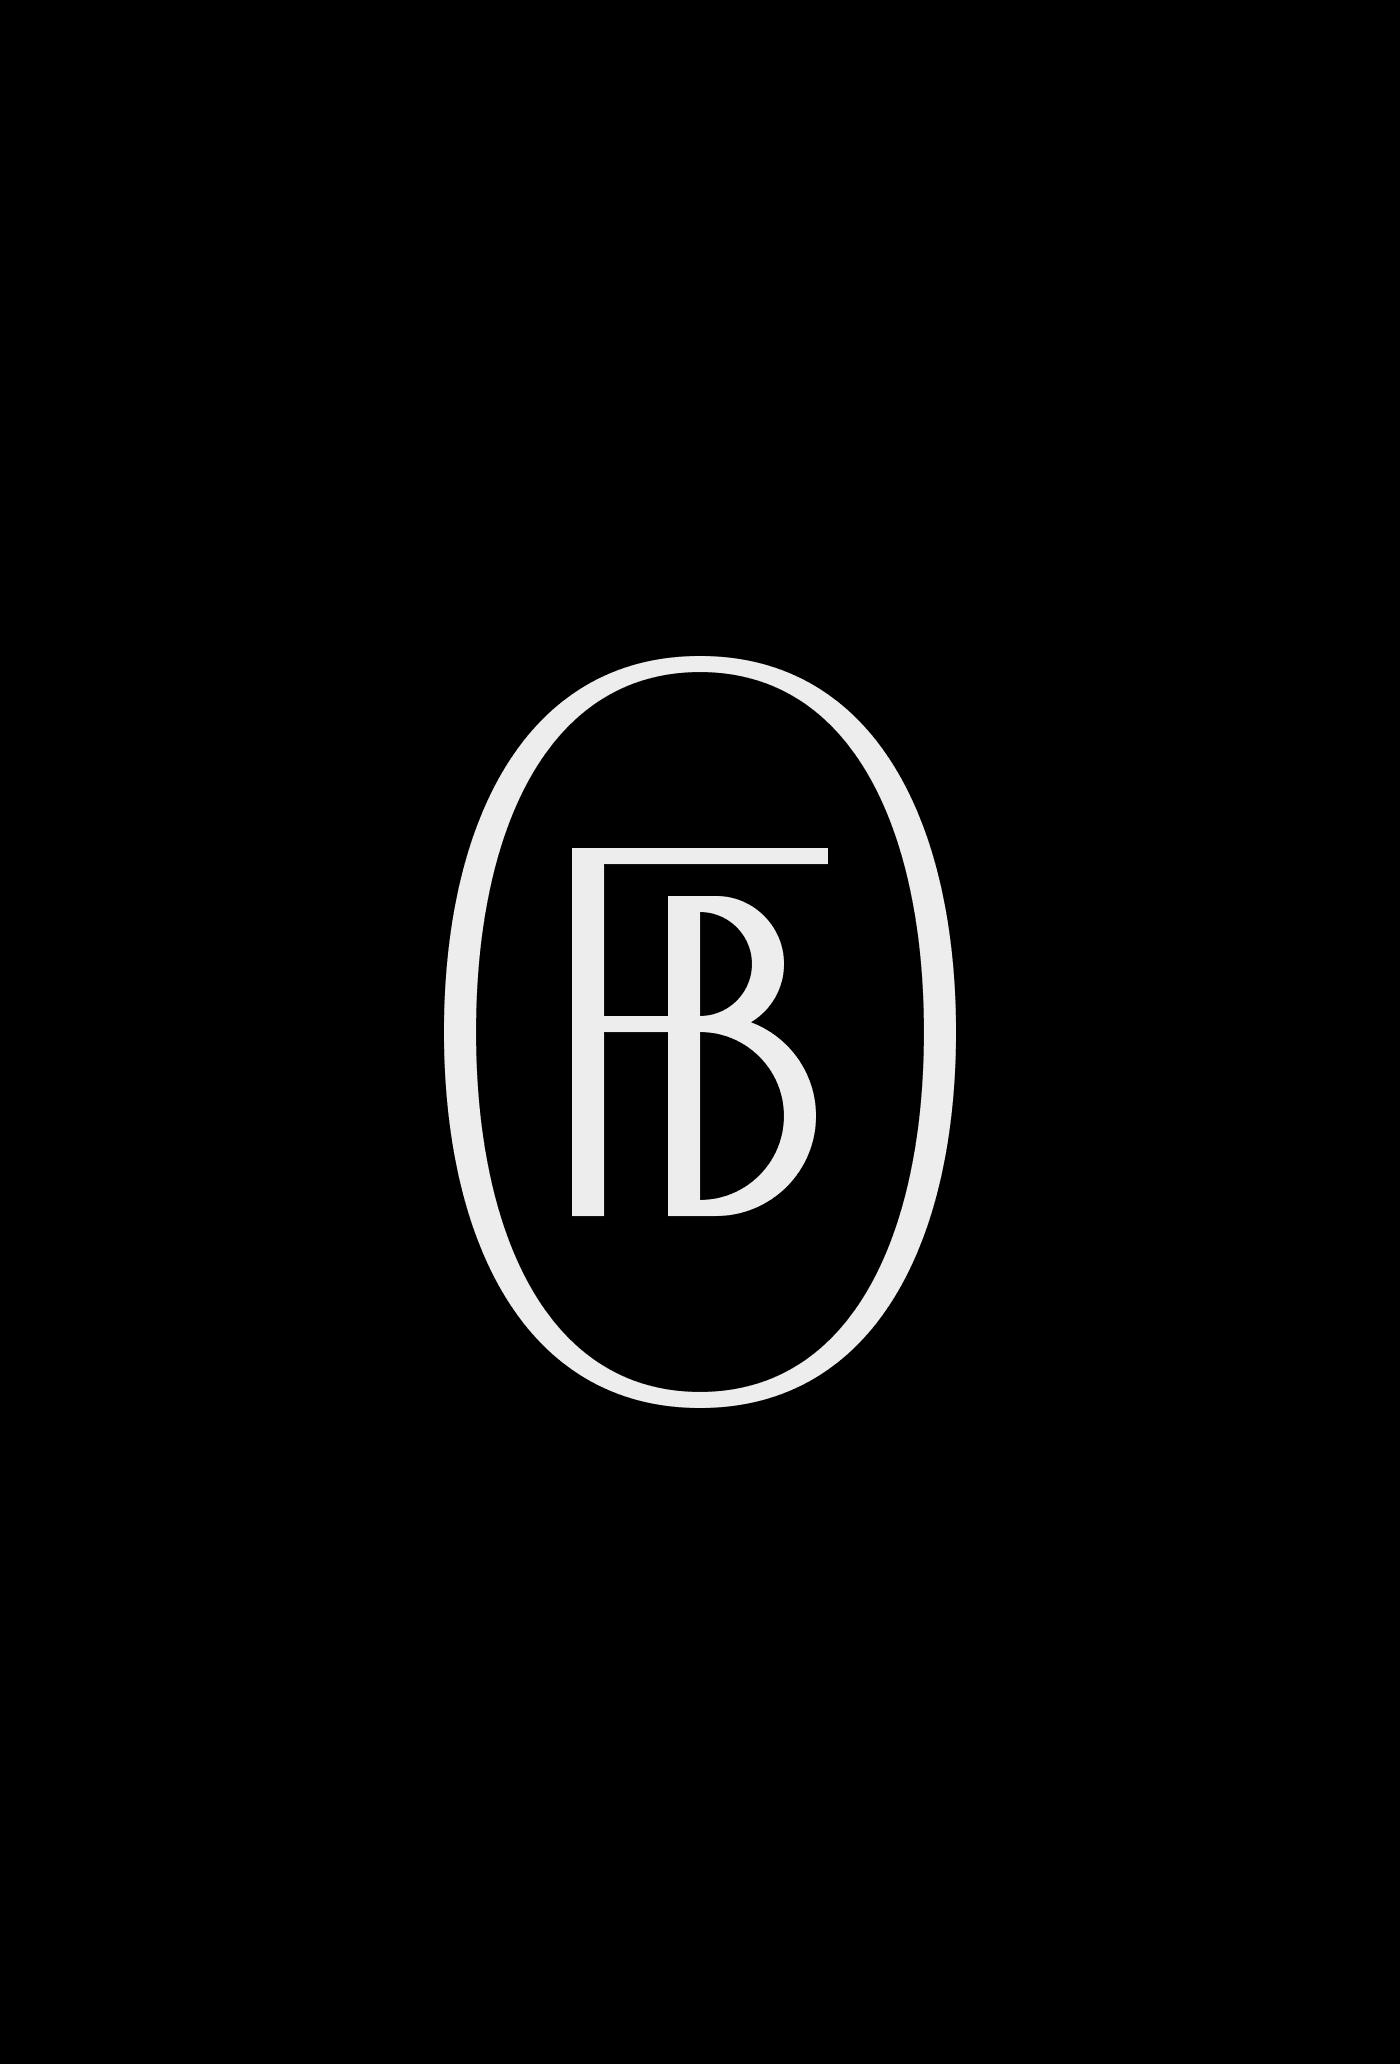 BrunoSilva-Logos-009